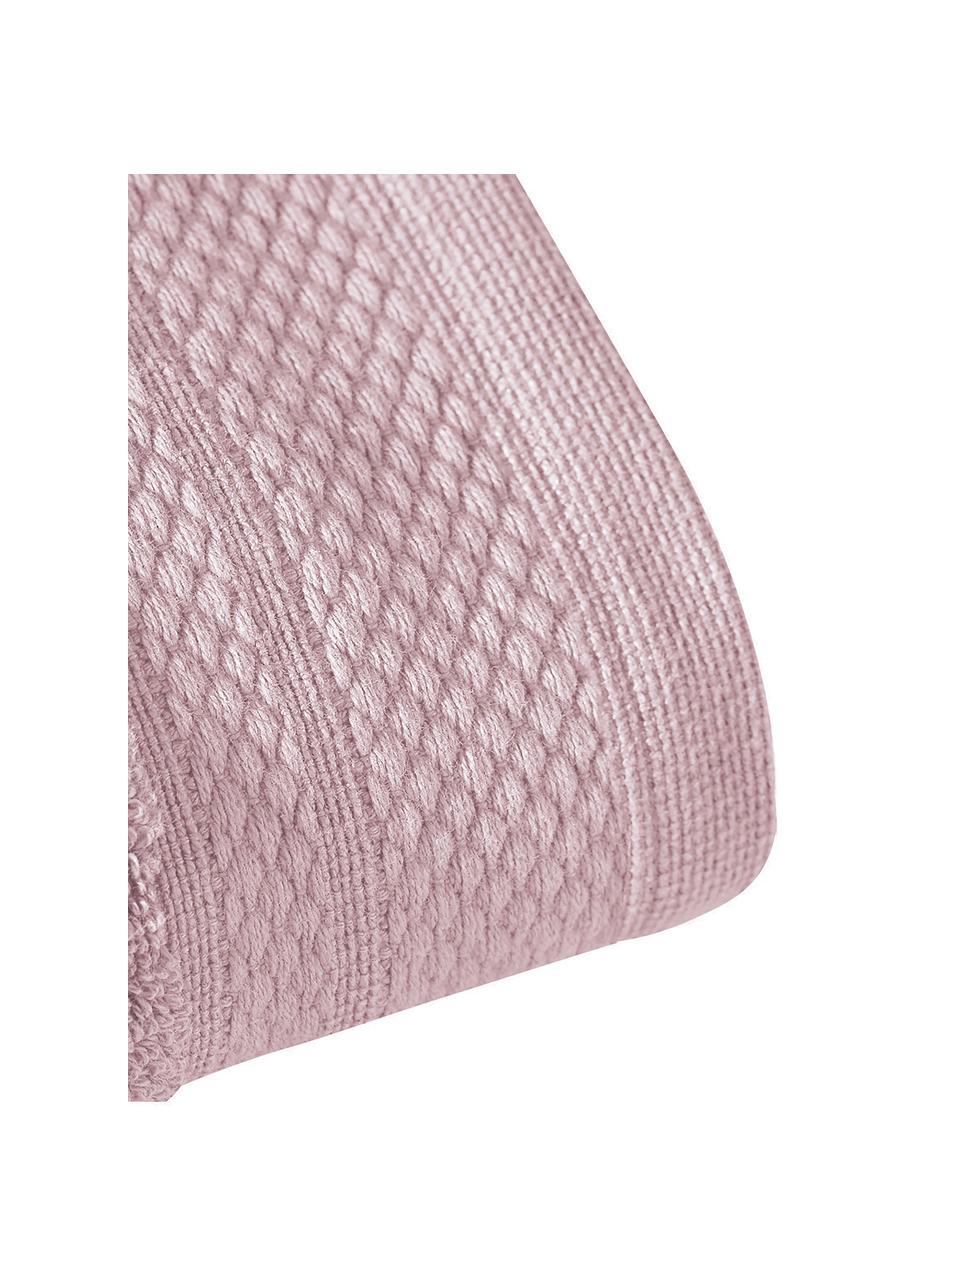 Handdoekenset Premium, 3-delig, Oudroze, Set met verschillende formaten